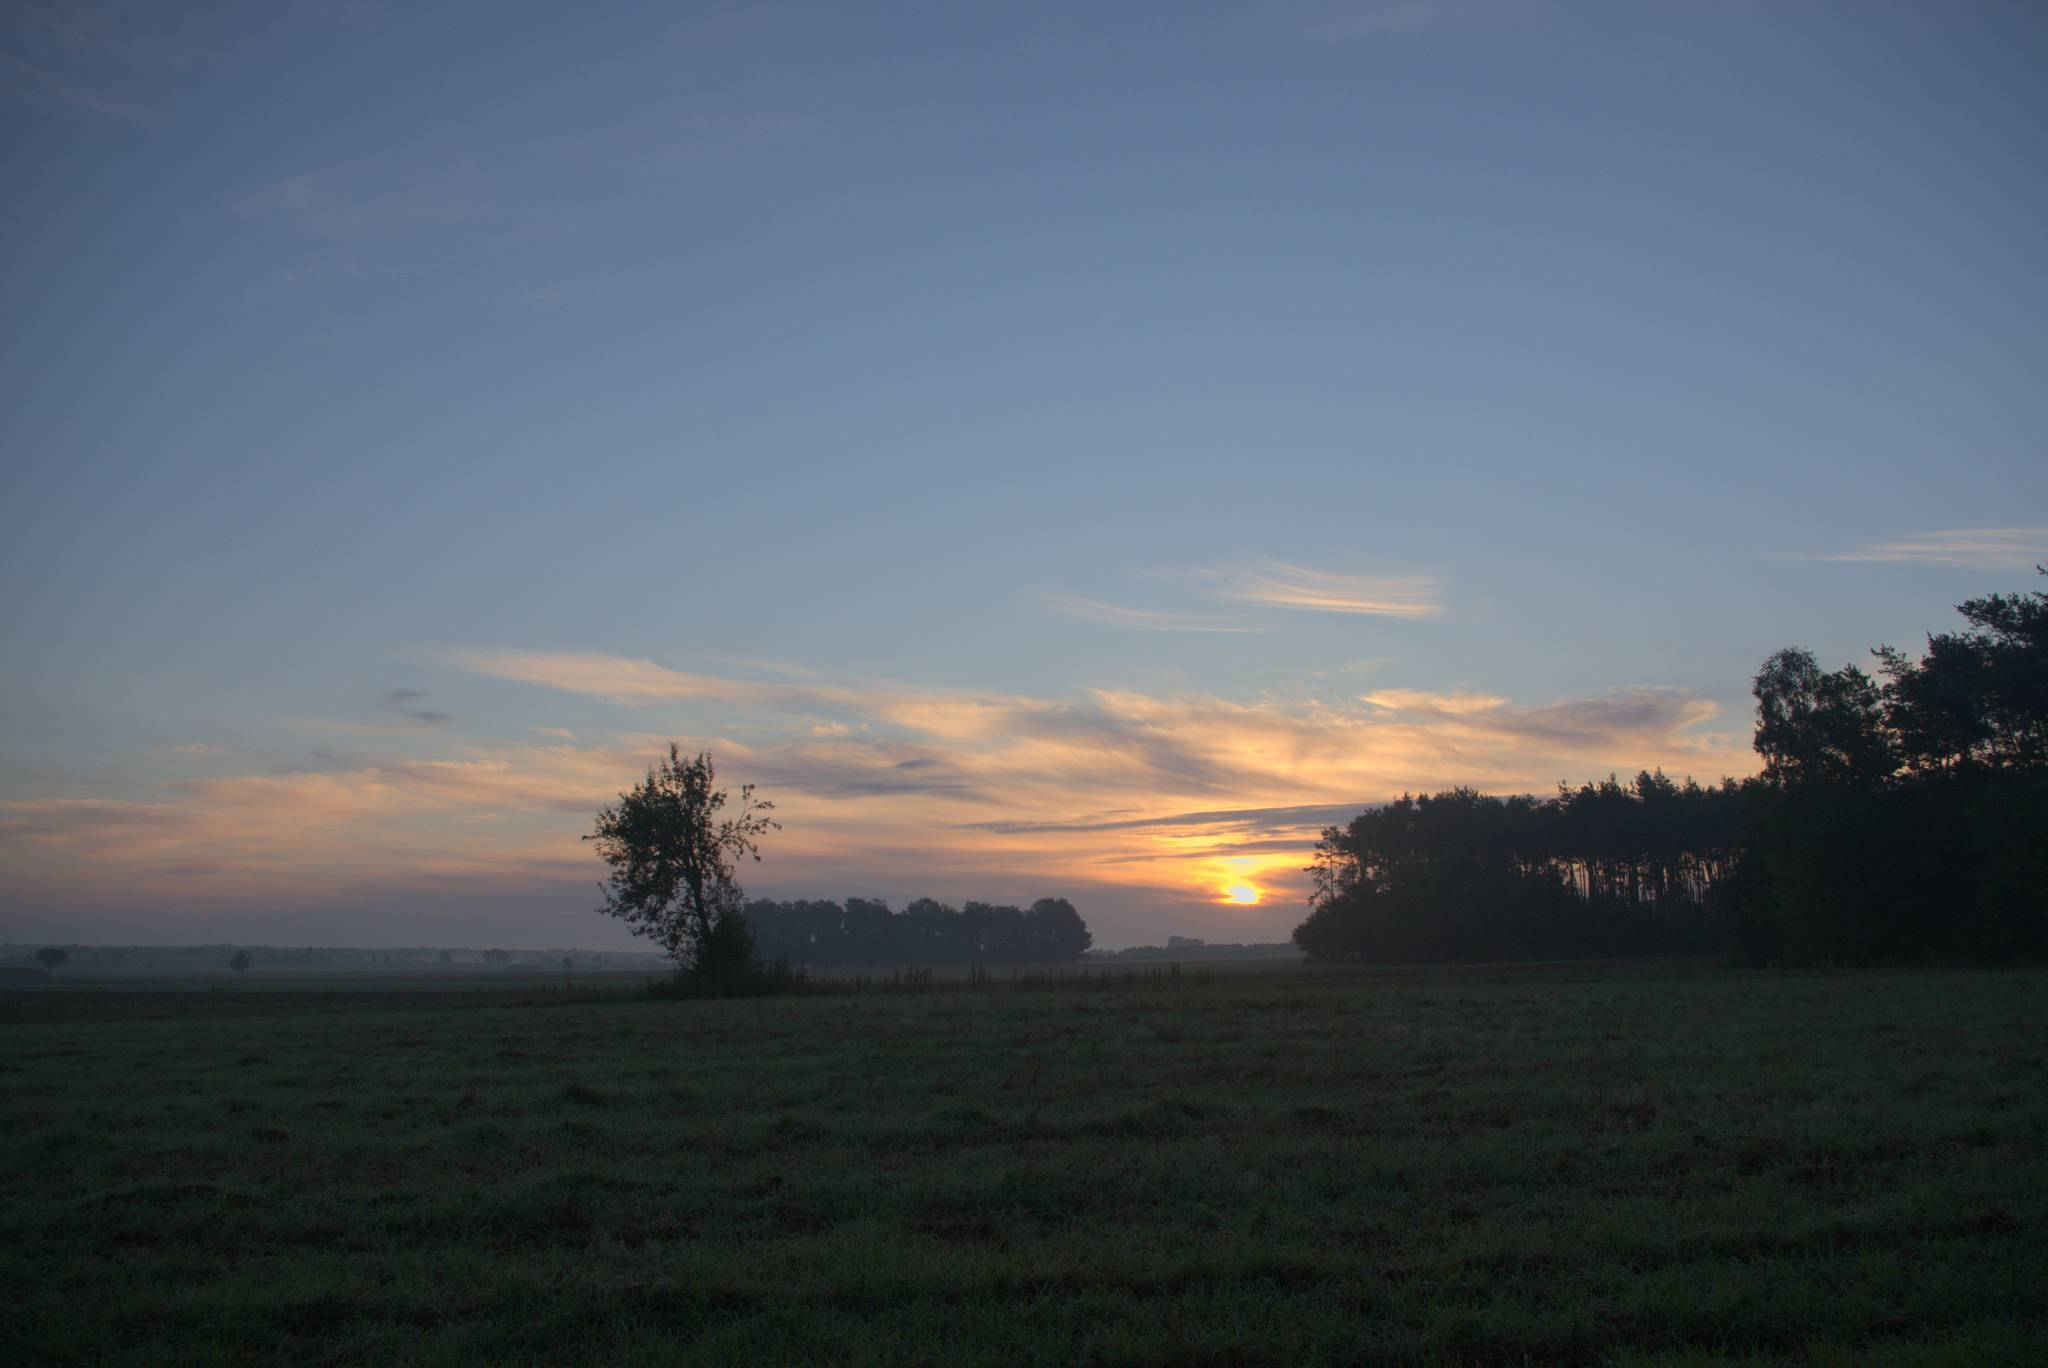 Jeszcze tylko ostatni wschód słońca i zabieram się do domu.